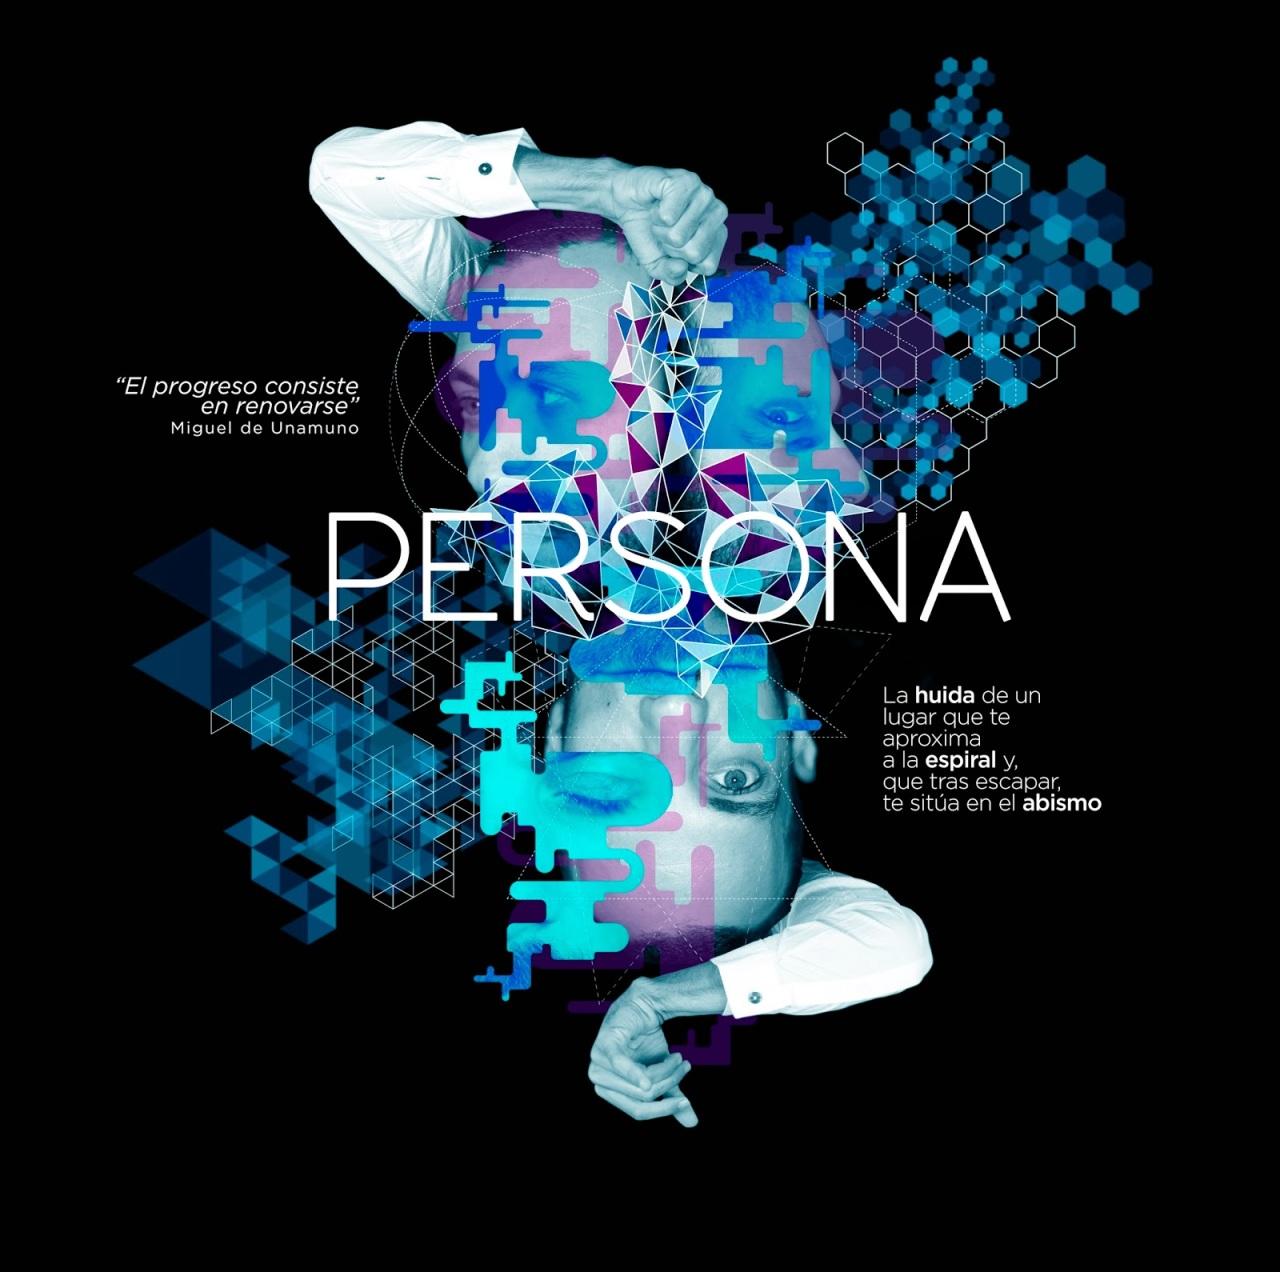 Cartel promocional de PERSONA, de SPIN OFF DANZA, presentado en el Ciutat Flamenco 2015, en el Mercat de les Flors